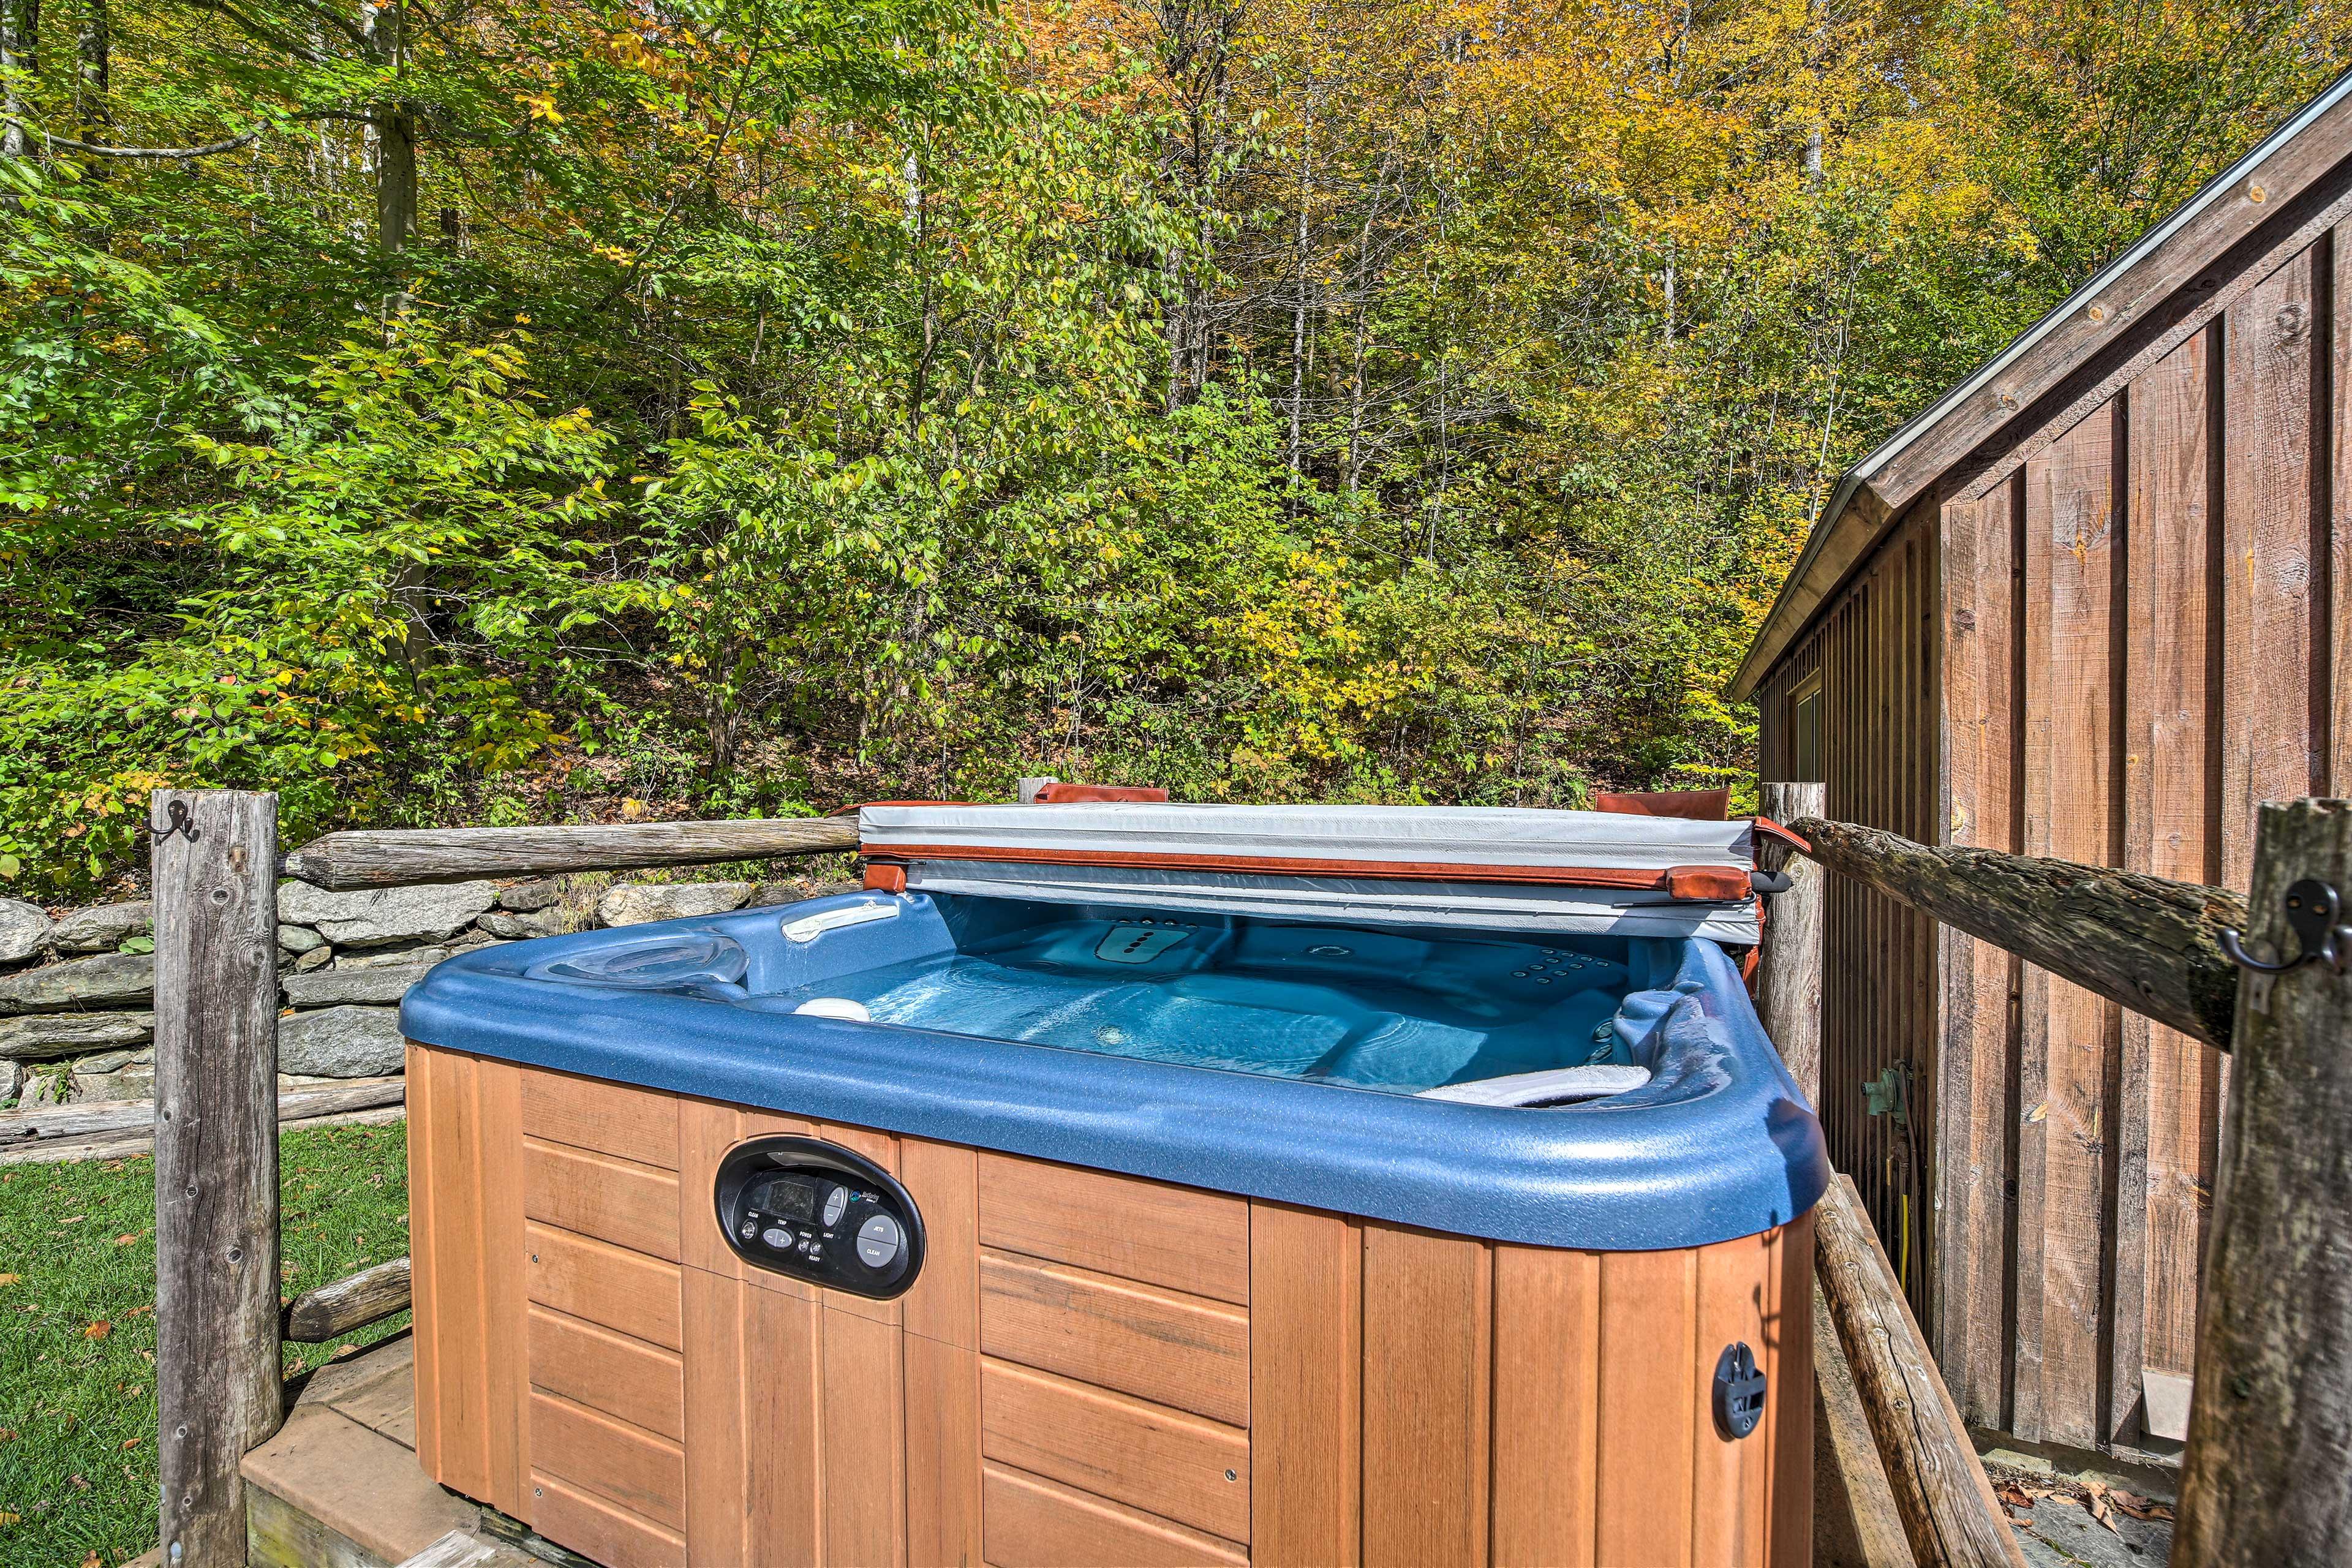 A dip in the hot tub is a must after a day at Killington Ski Resort.